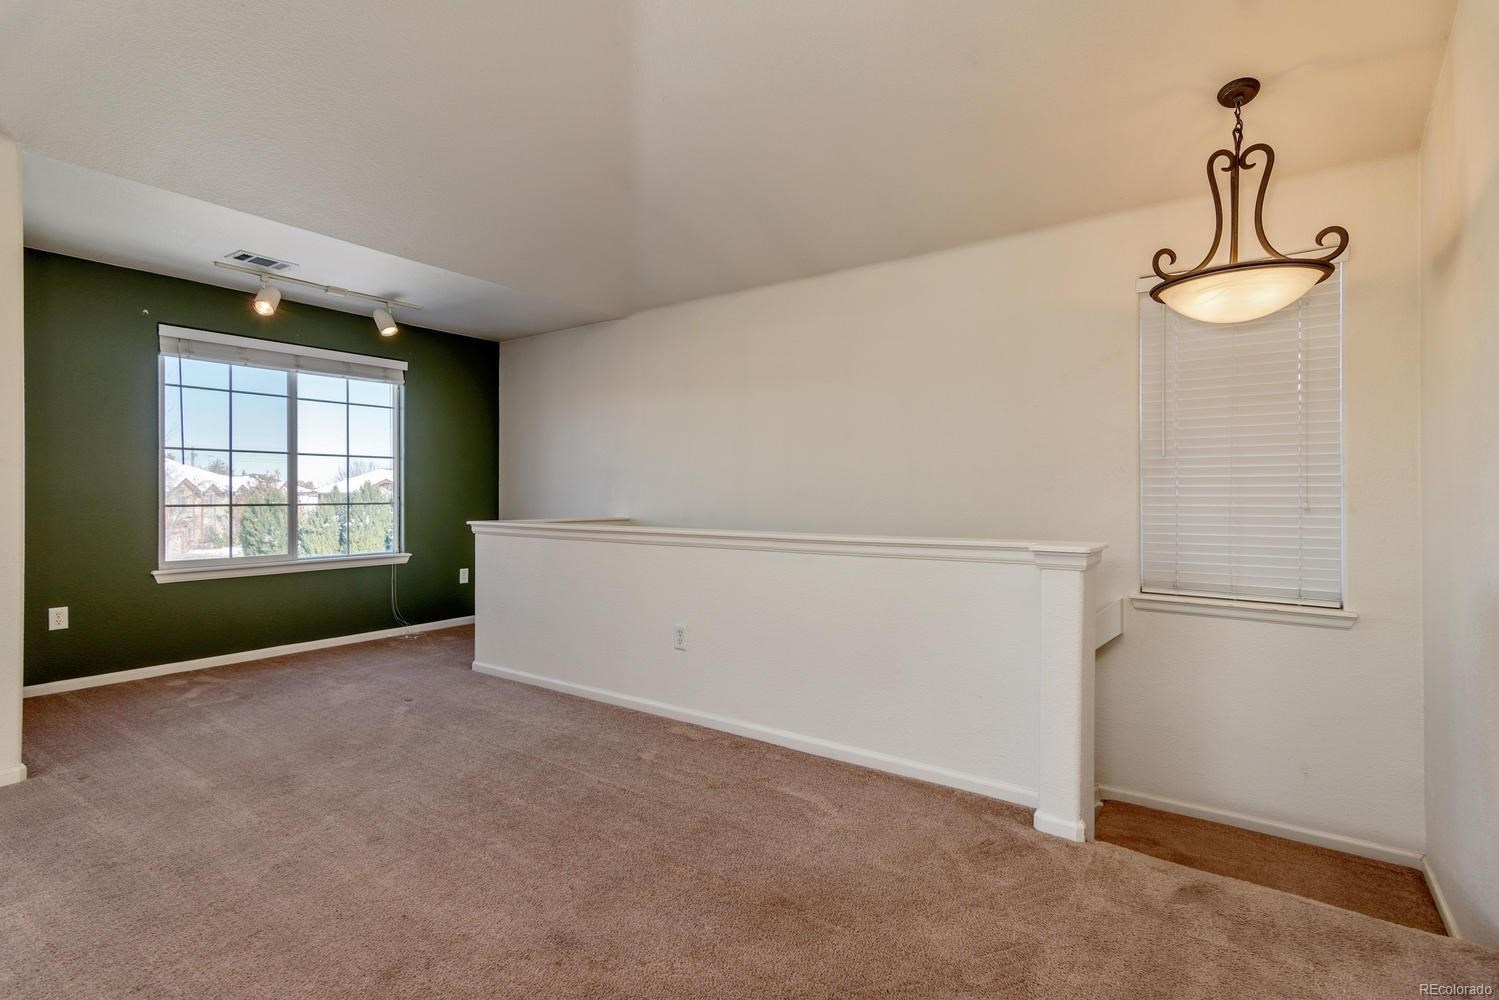 MLS# 6377852 - 4 - 3272 E 103rd Drive #1707, Thornton, CO 80229